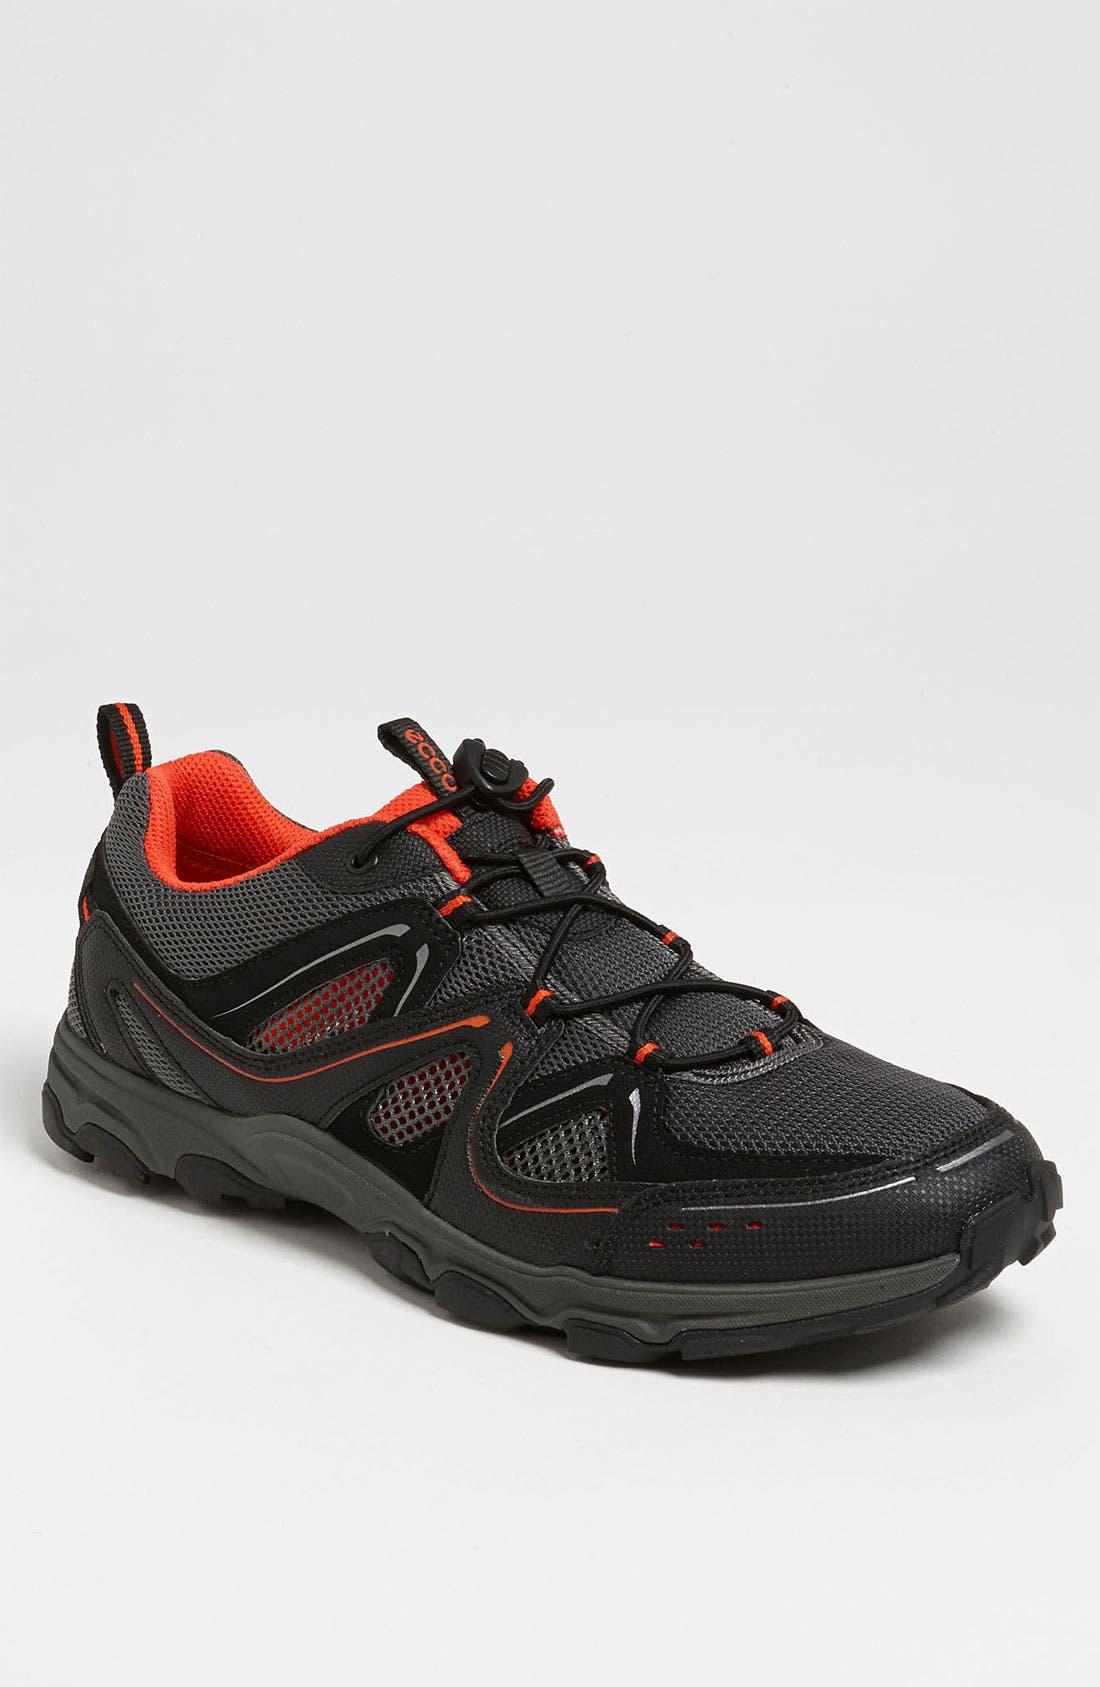 Main Image - ECCO 'Venture' Training Shoe (Men)